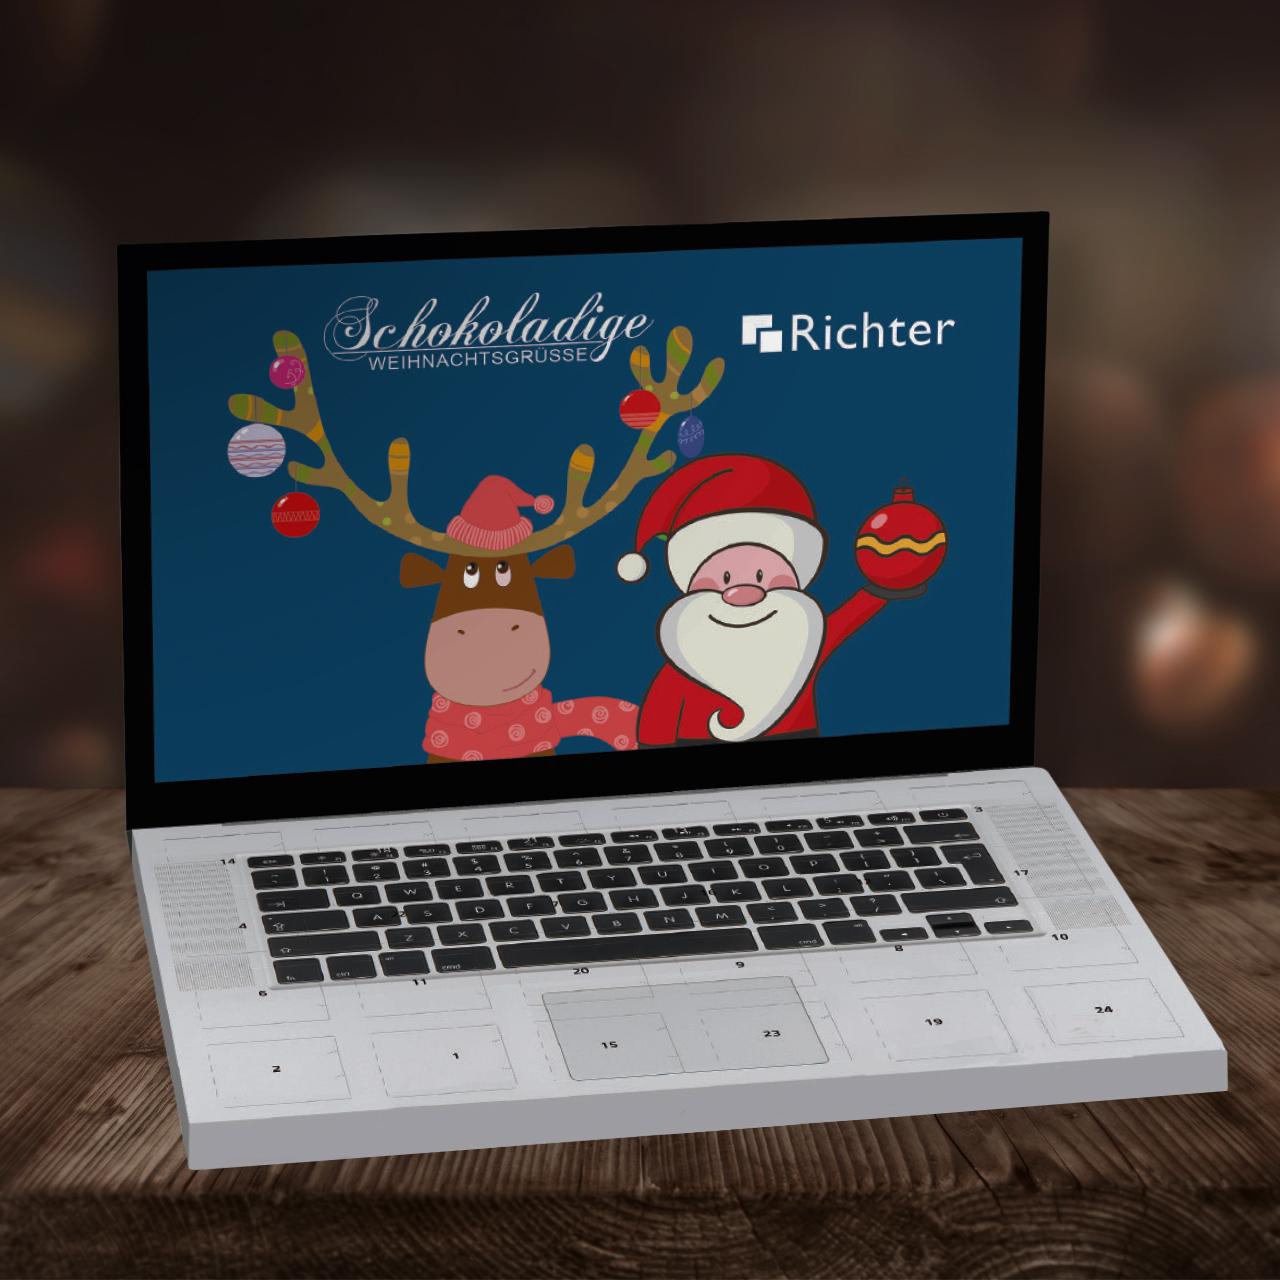 Weihnachtskalender Auf Rechnung.Werbe Adventskalender Als Weihnachtskalender Für Firmen Individuell